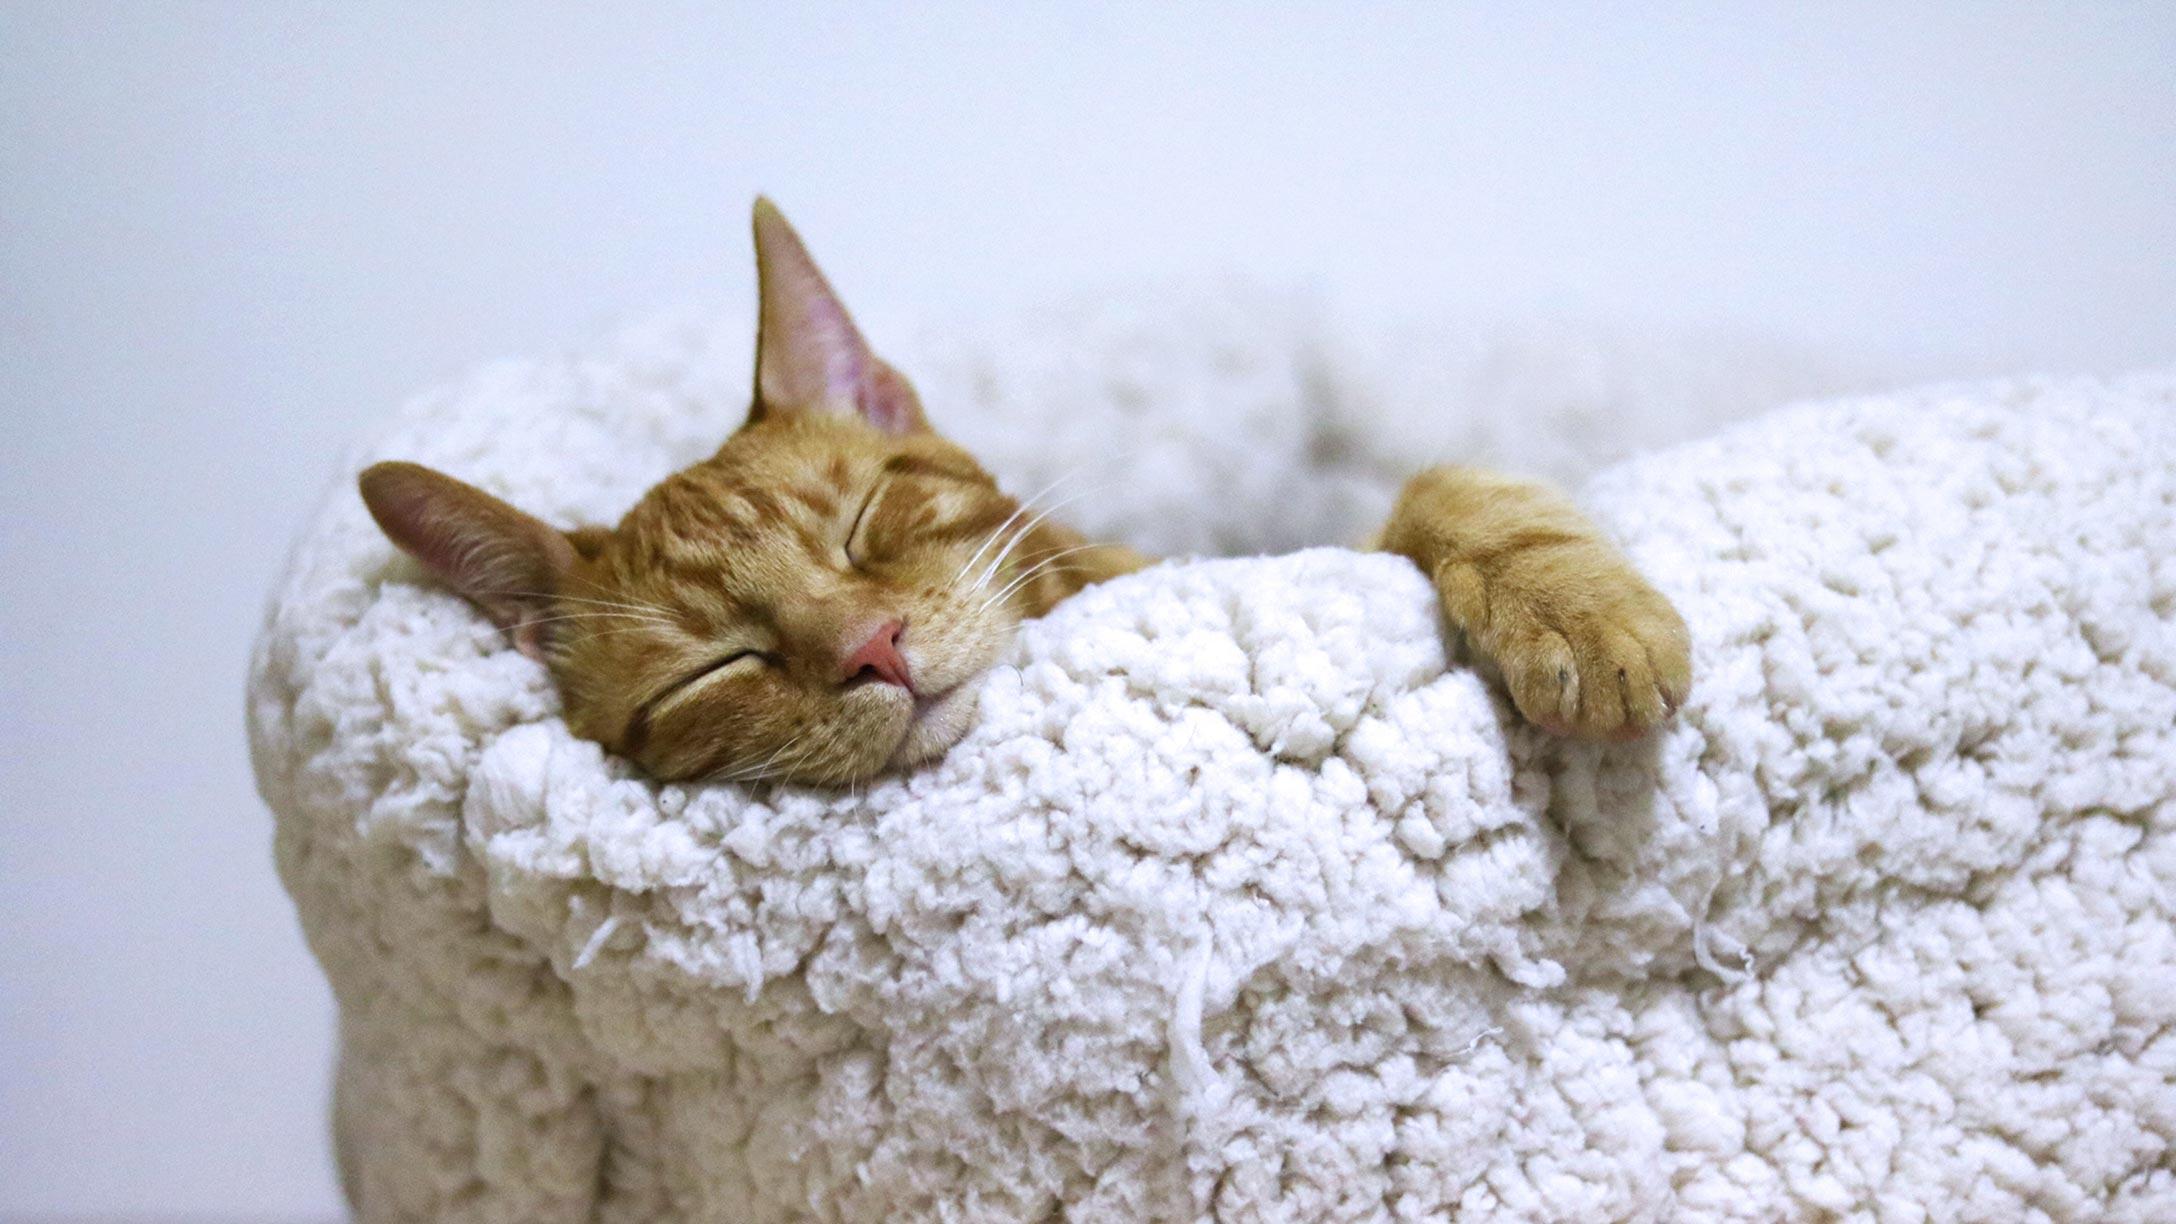 Orange tabby cat asleep in a white fleece bed